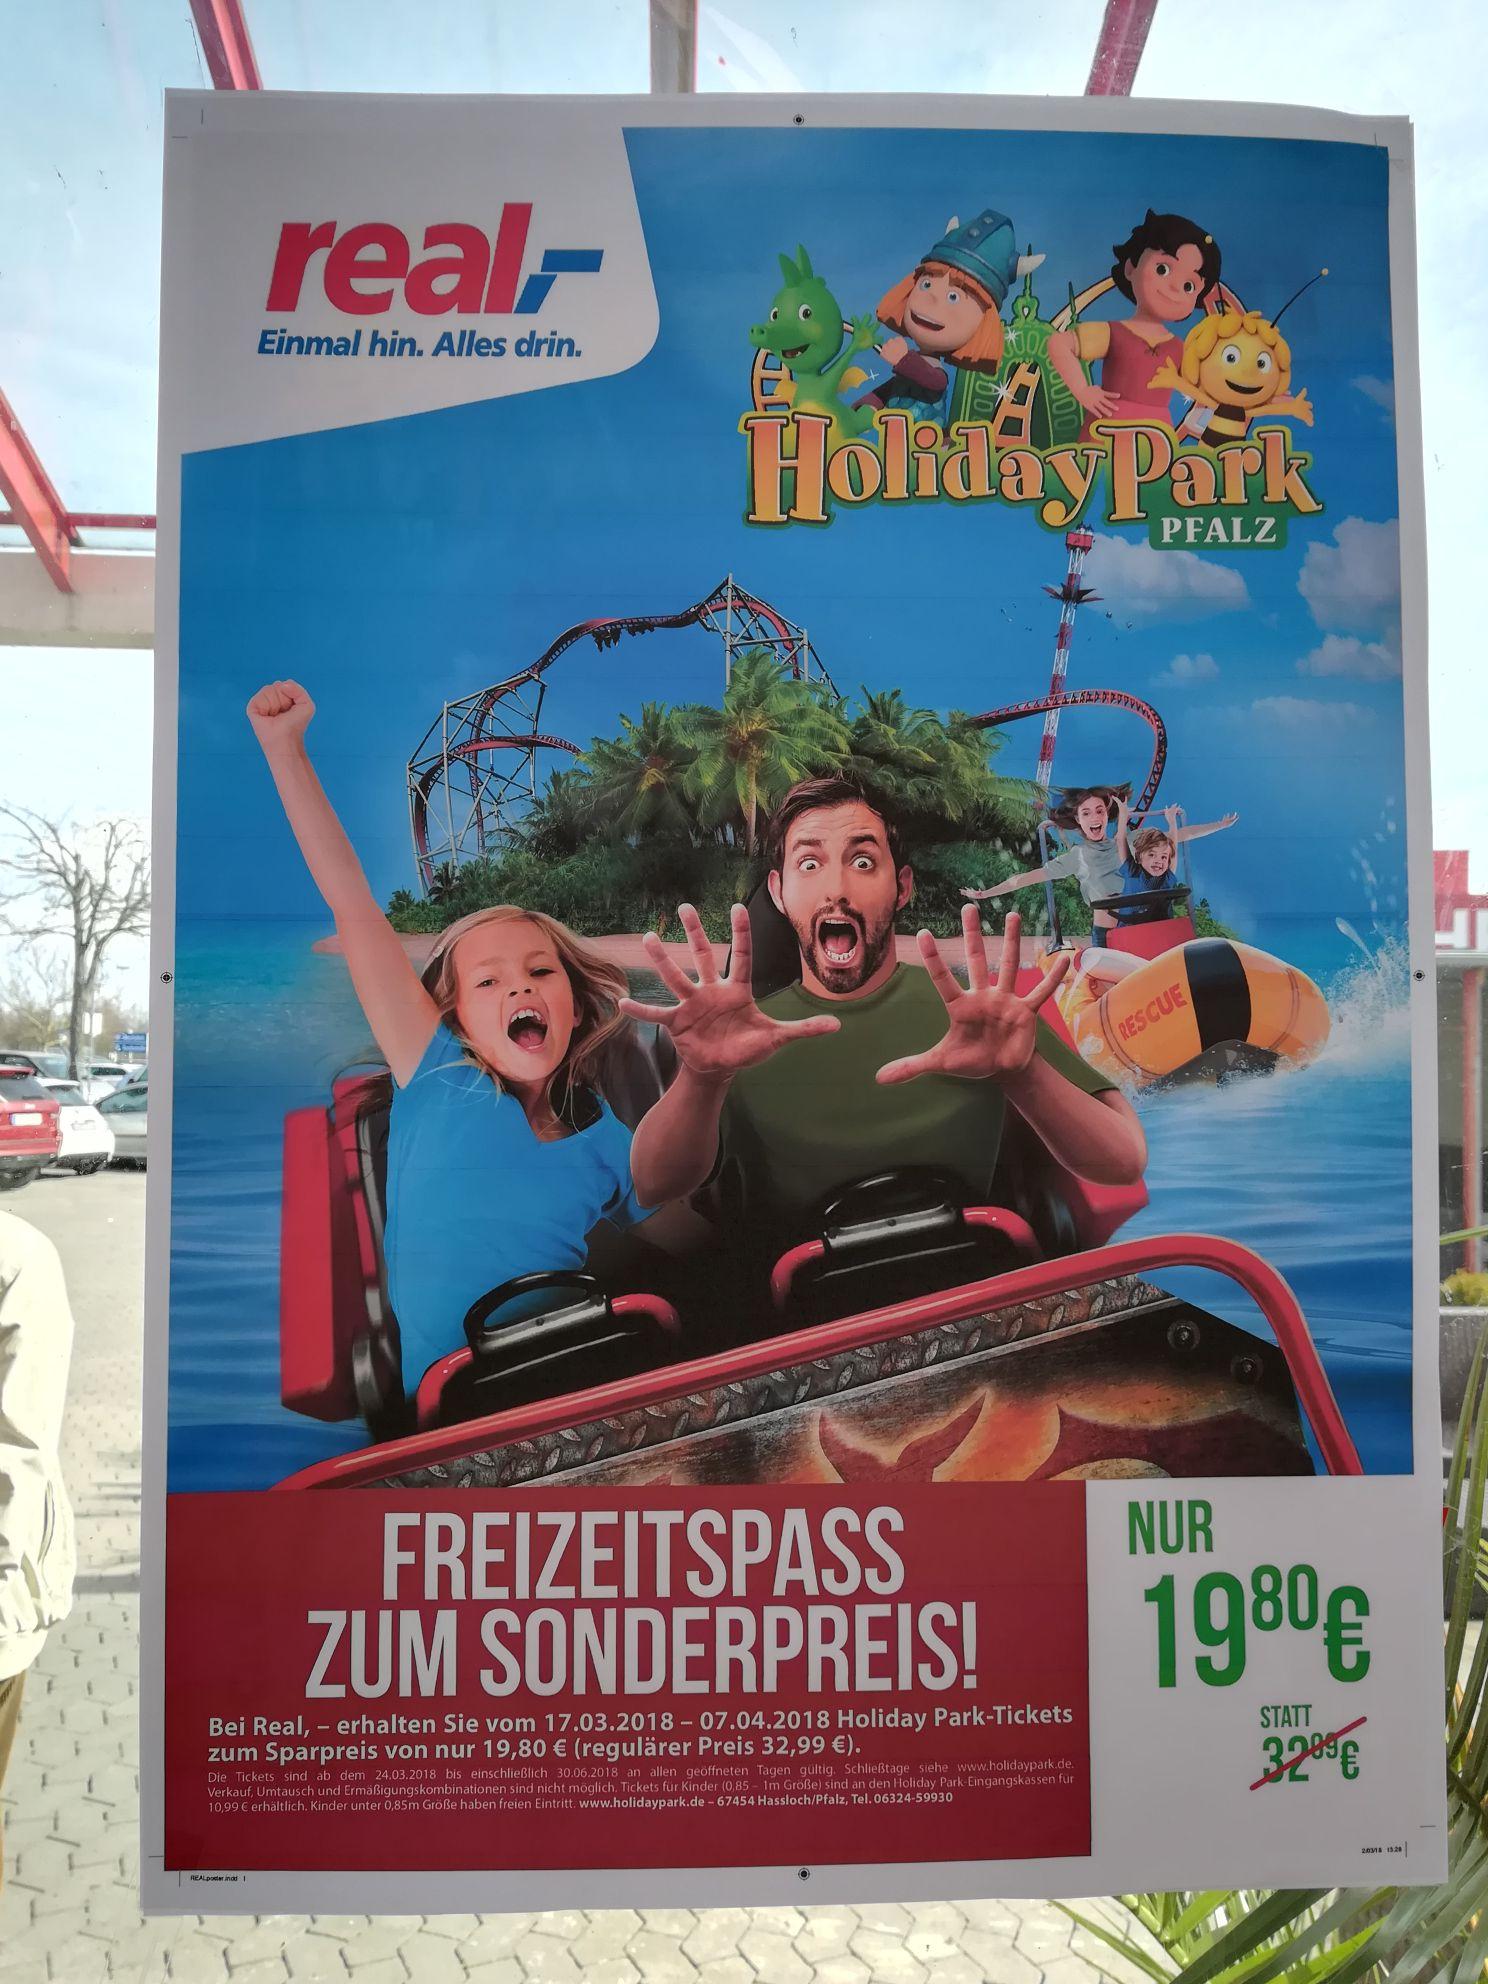 [lokal Real Pfalz? ]  Holiday Park Ticket für 19,80€ statt 32,99€ - Gültigkeit begrenzt